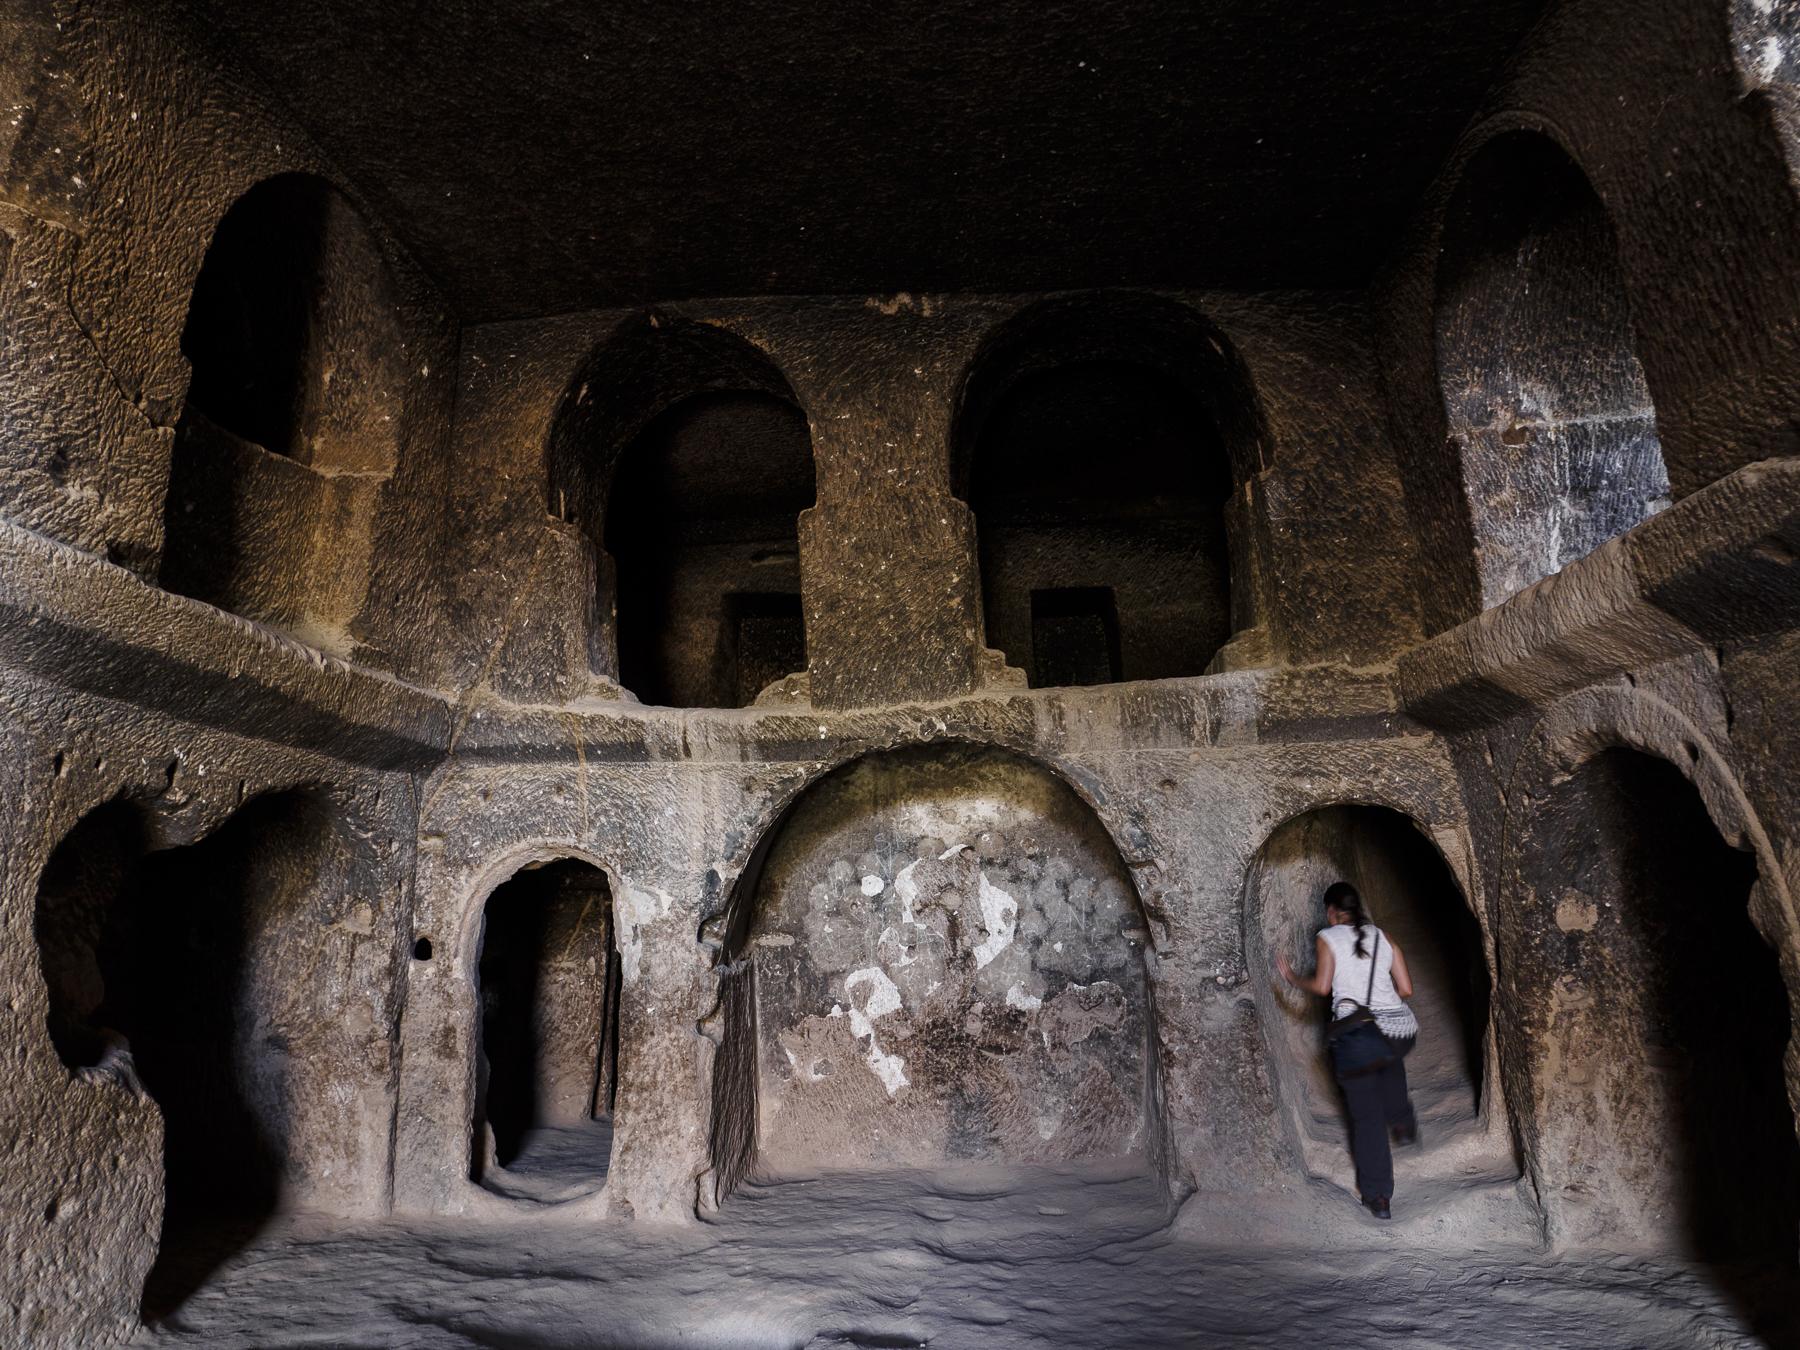 Monasterio excavado en la roca, Capadoccia.